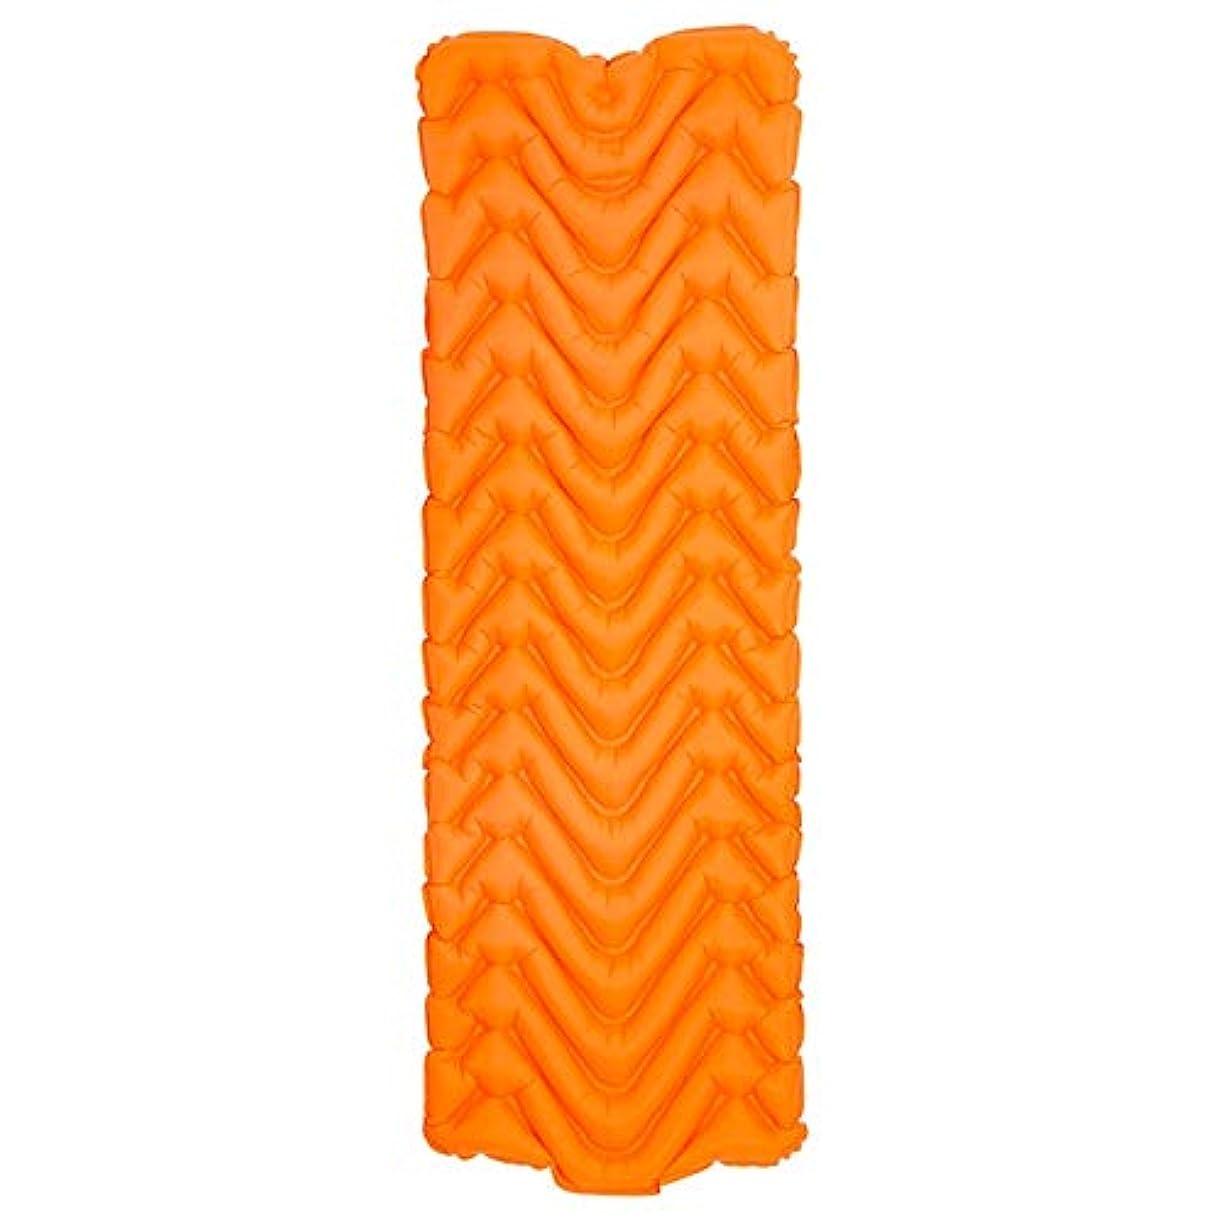 はちみつ検索吸収Jia Xing エアベッド屋外テントスリーピングパッドシングルTPU超軽量ポータブルMタイプキャンプエアベッドカーマットレスエアベッド(4色) エアベッド (Color : Orange)